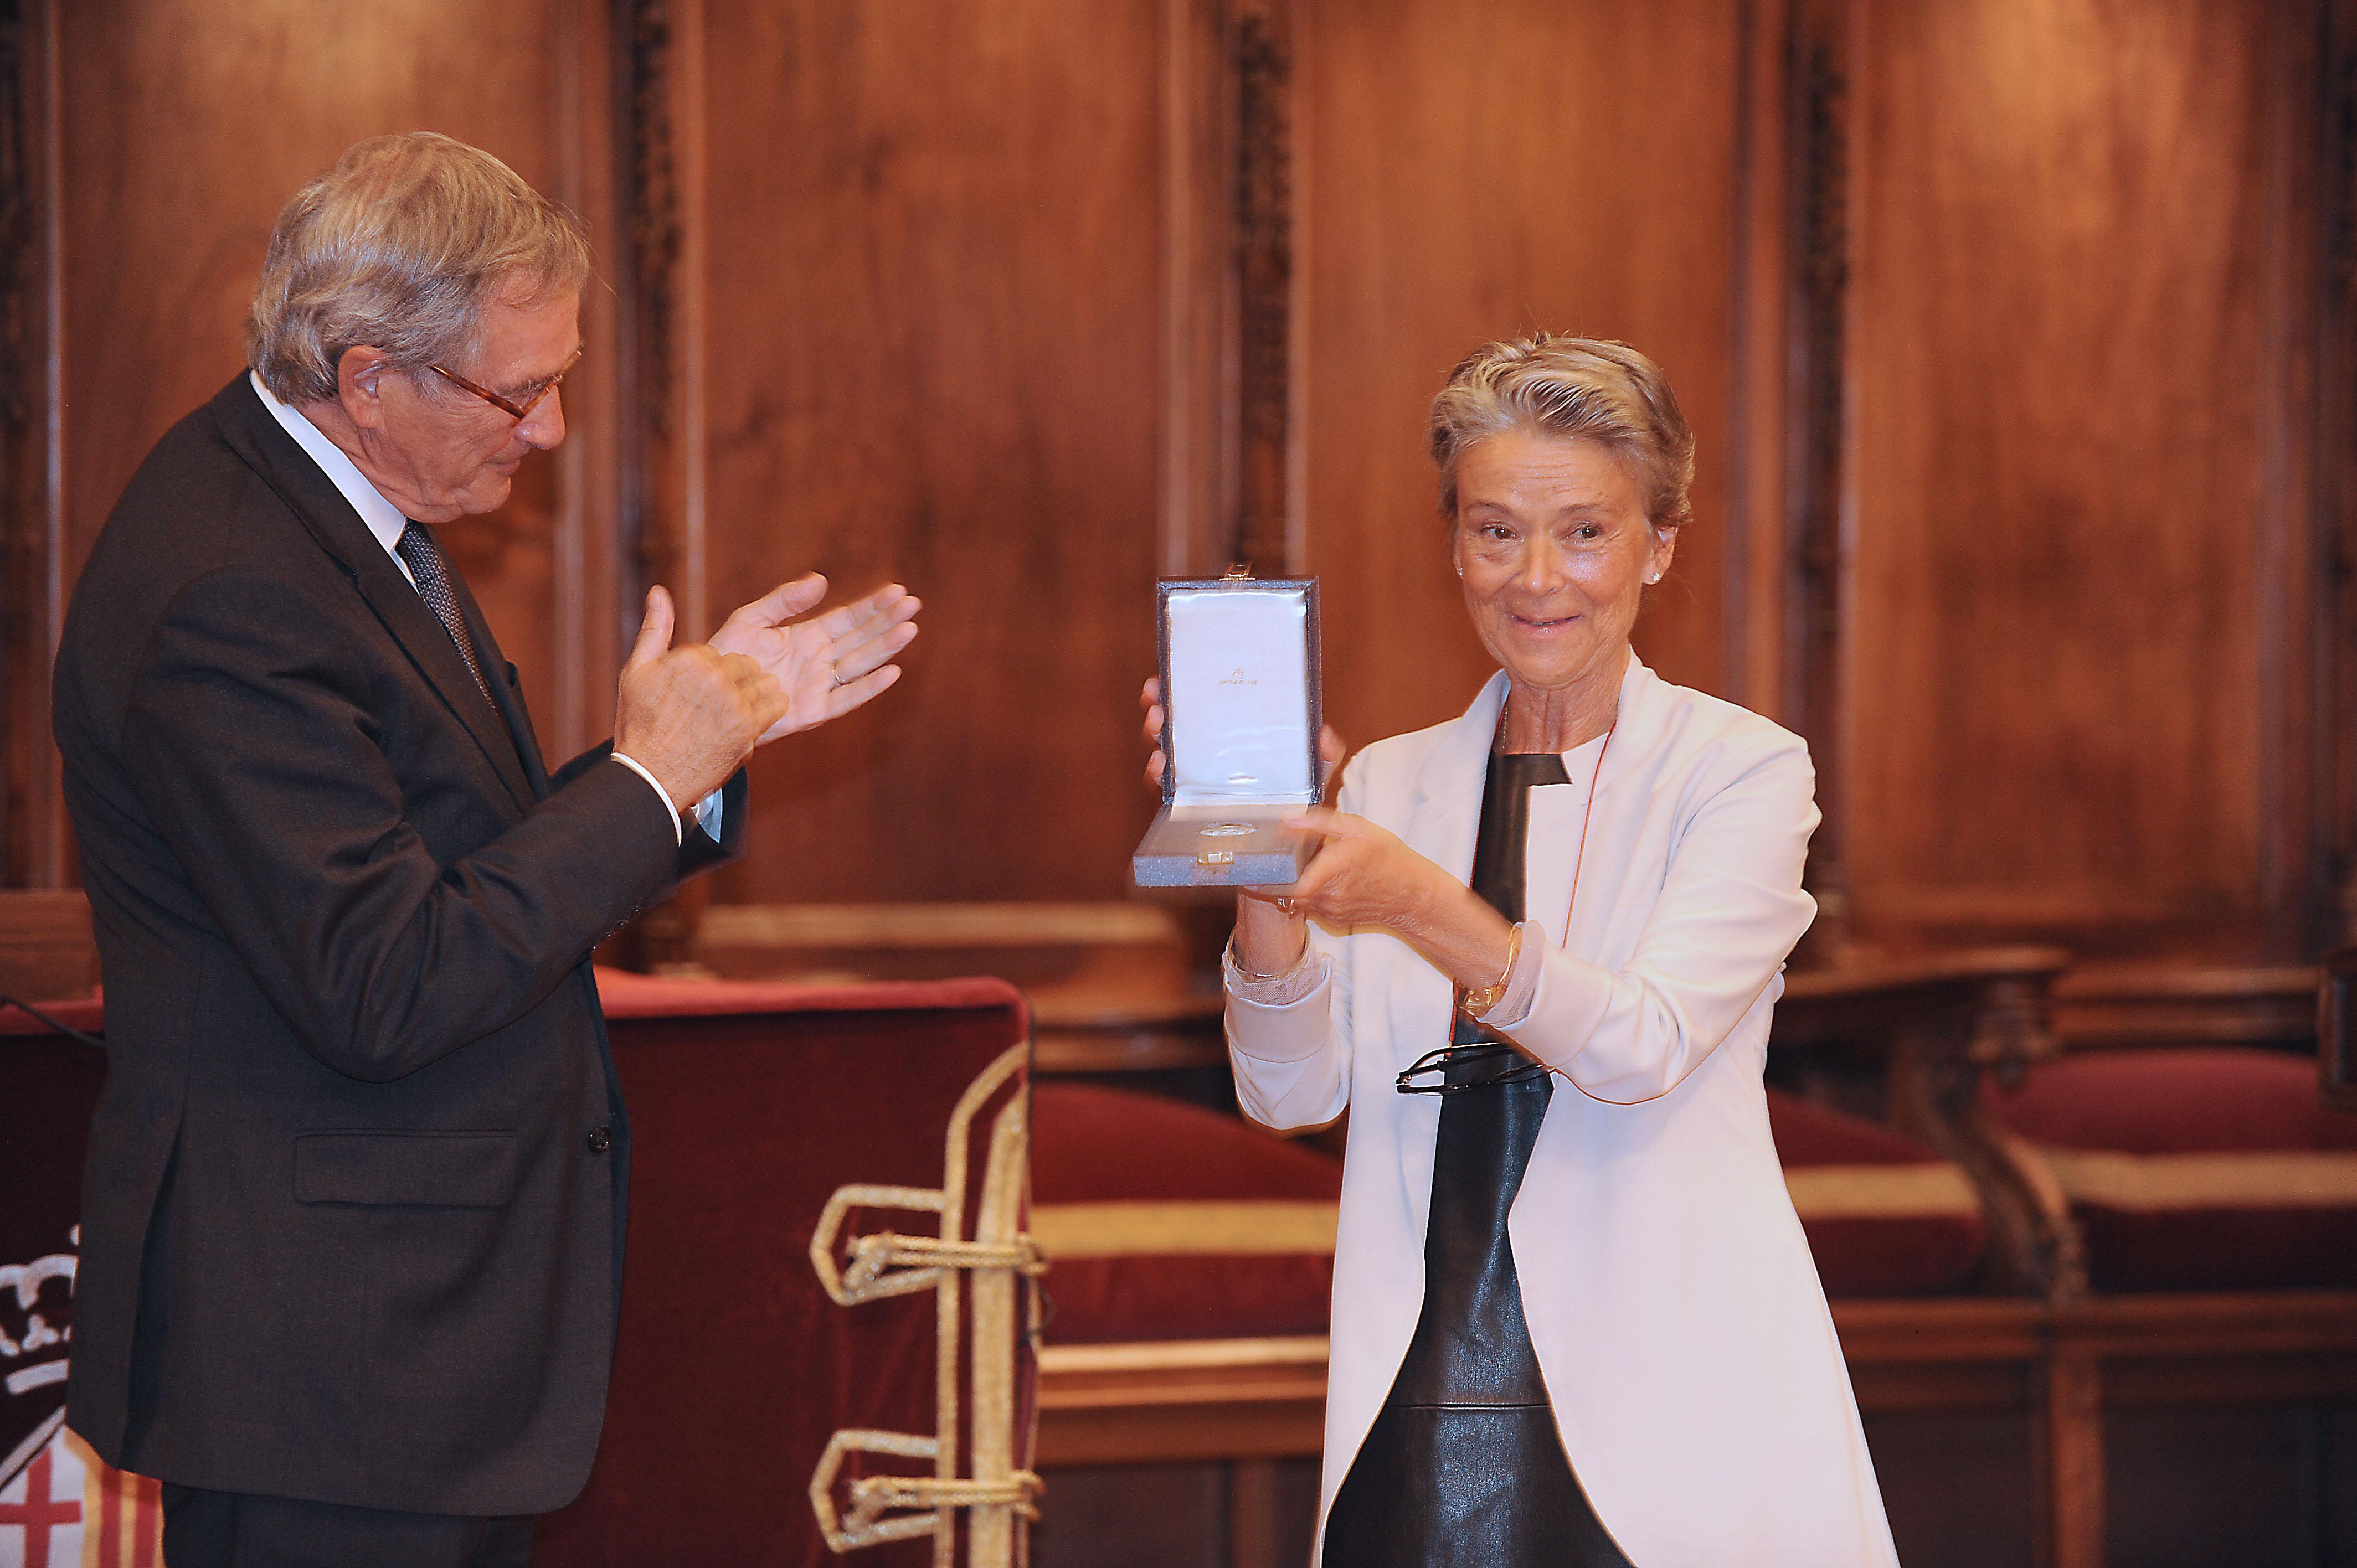 Entrega de la medalla a la viuda de F. Santacana